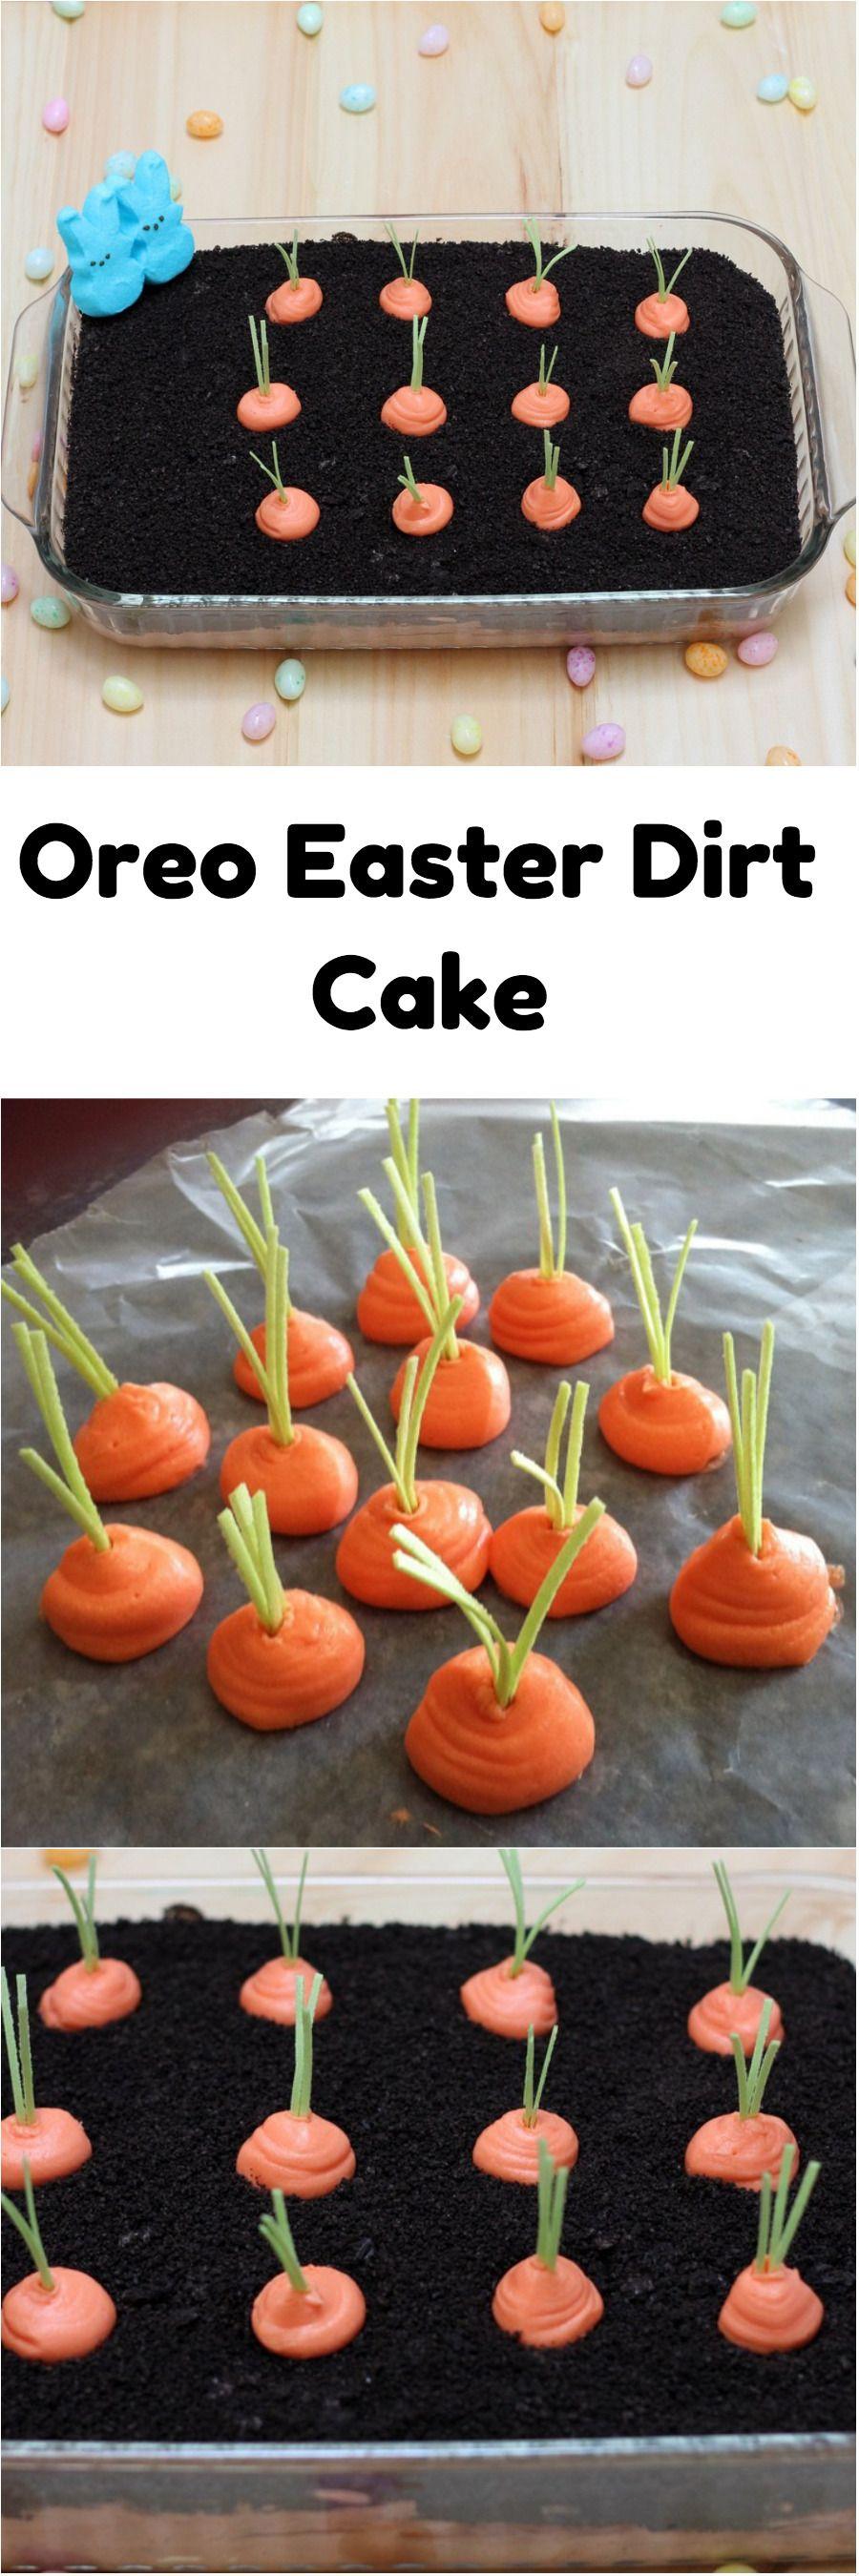 Oreo Easter Dirt Cake #EASTER #OREO #CAKE #DIRTCAKE